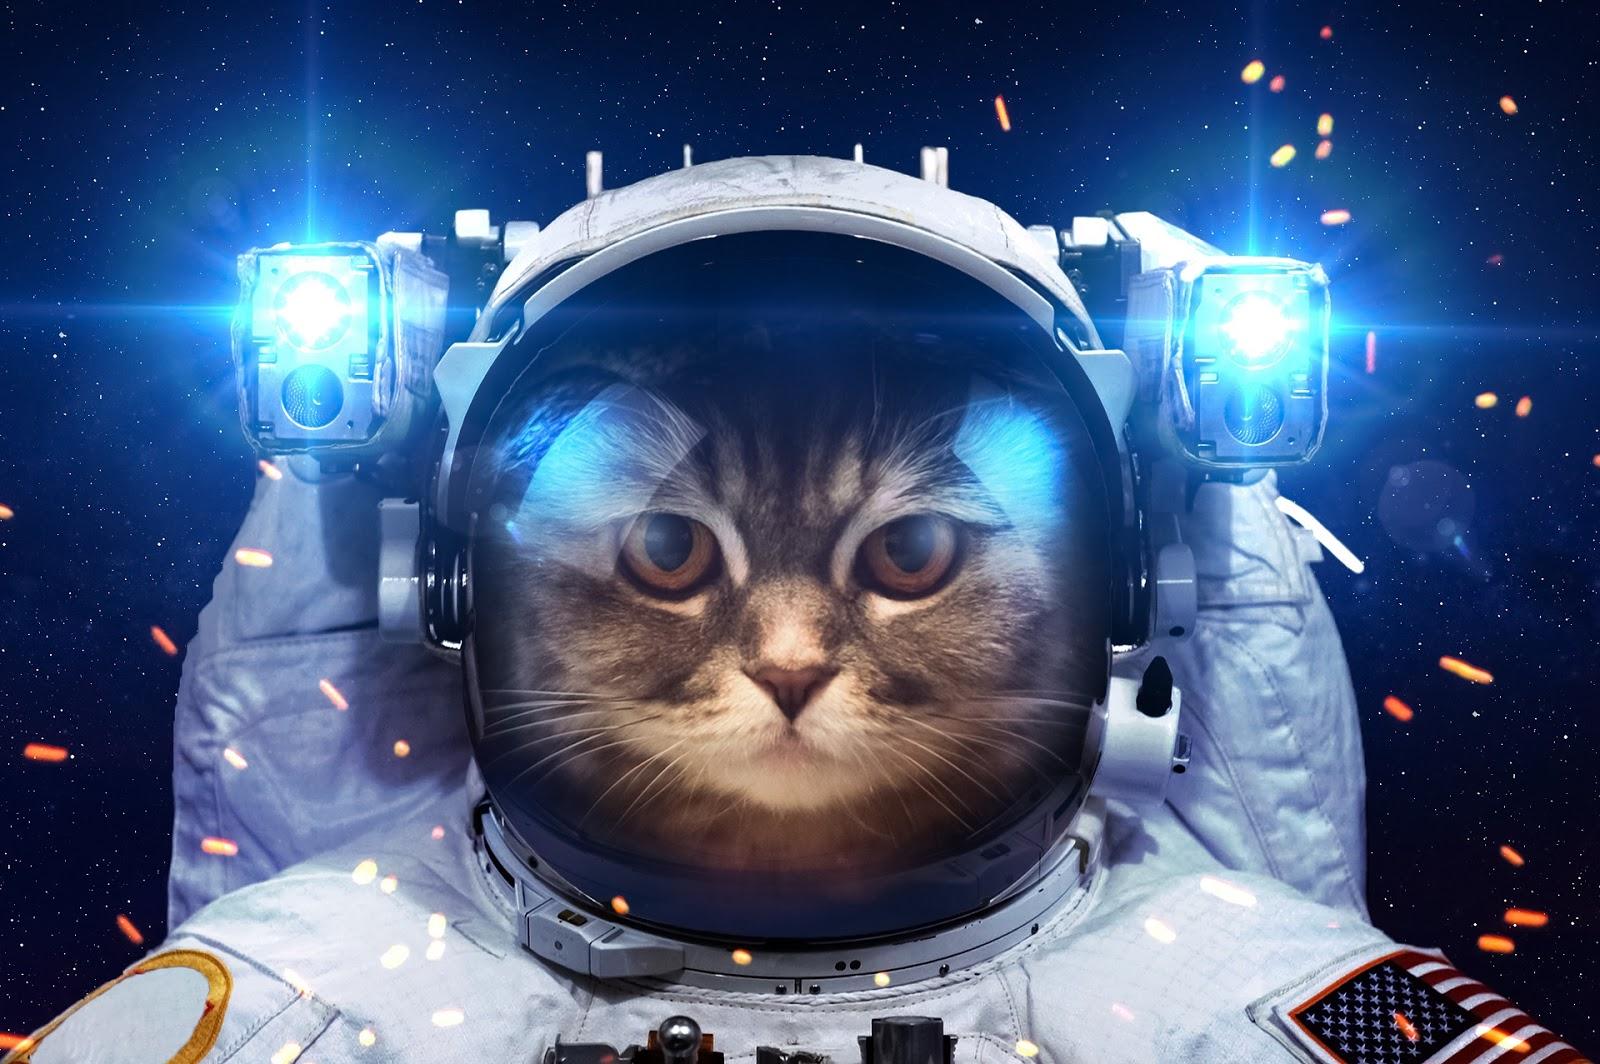 Cat Astronaut Wallpaper - WallpaperSafari